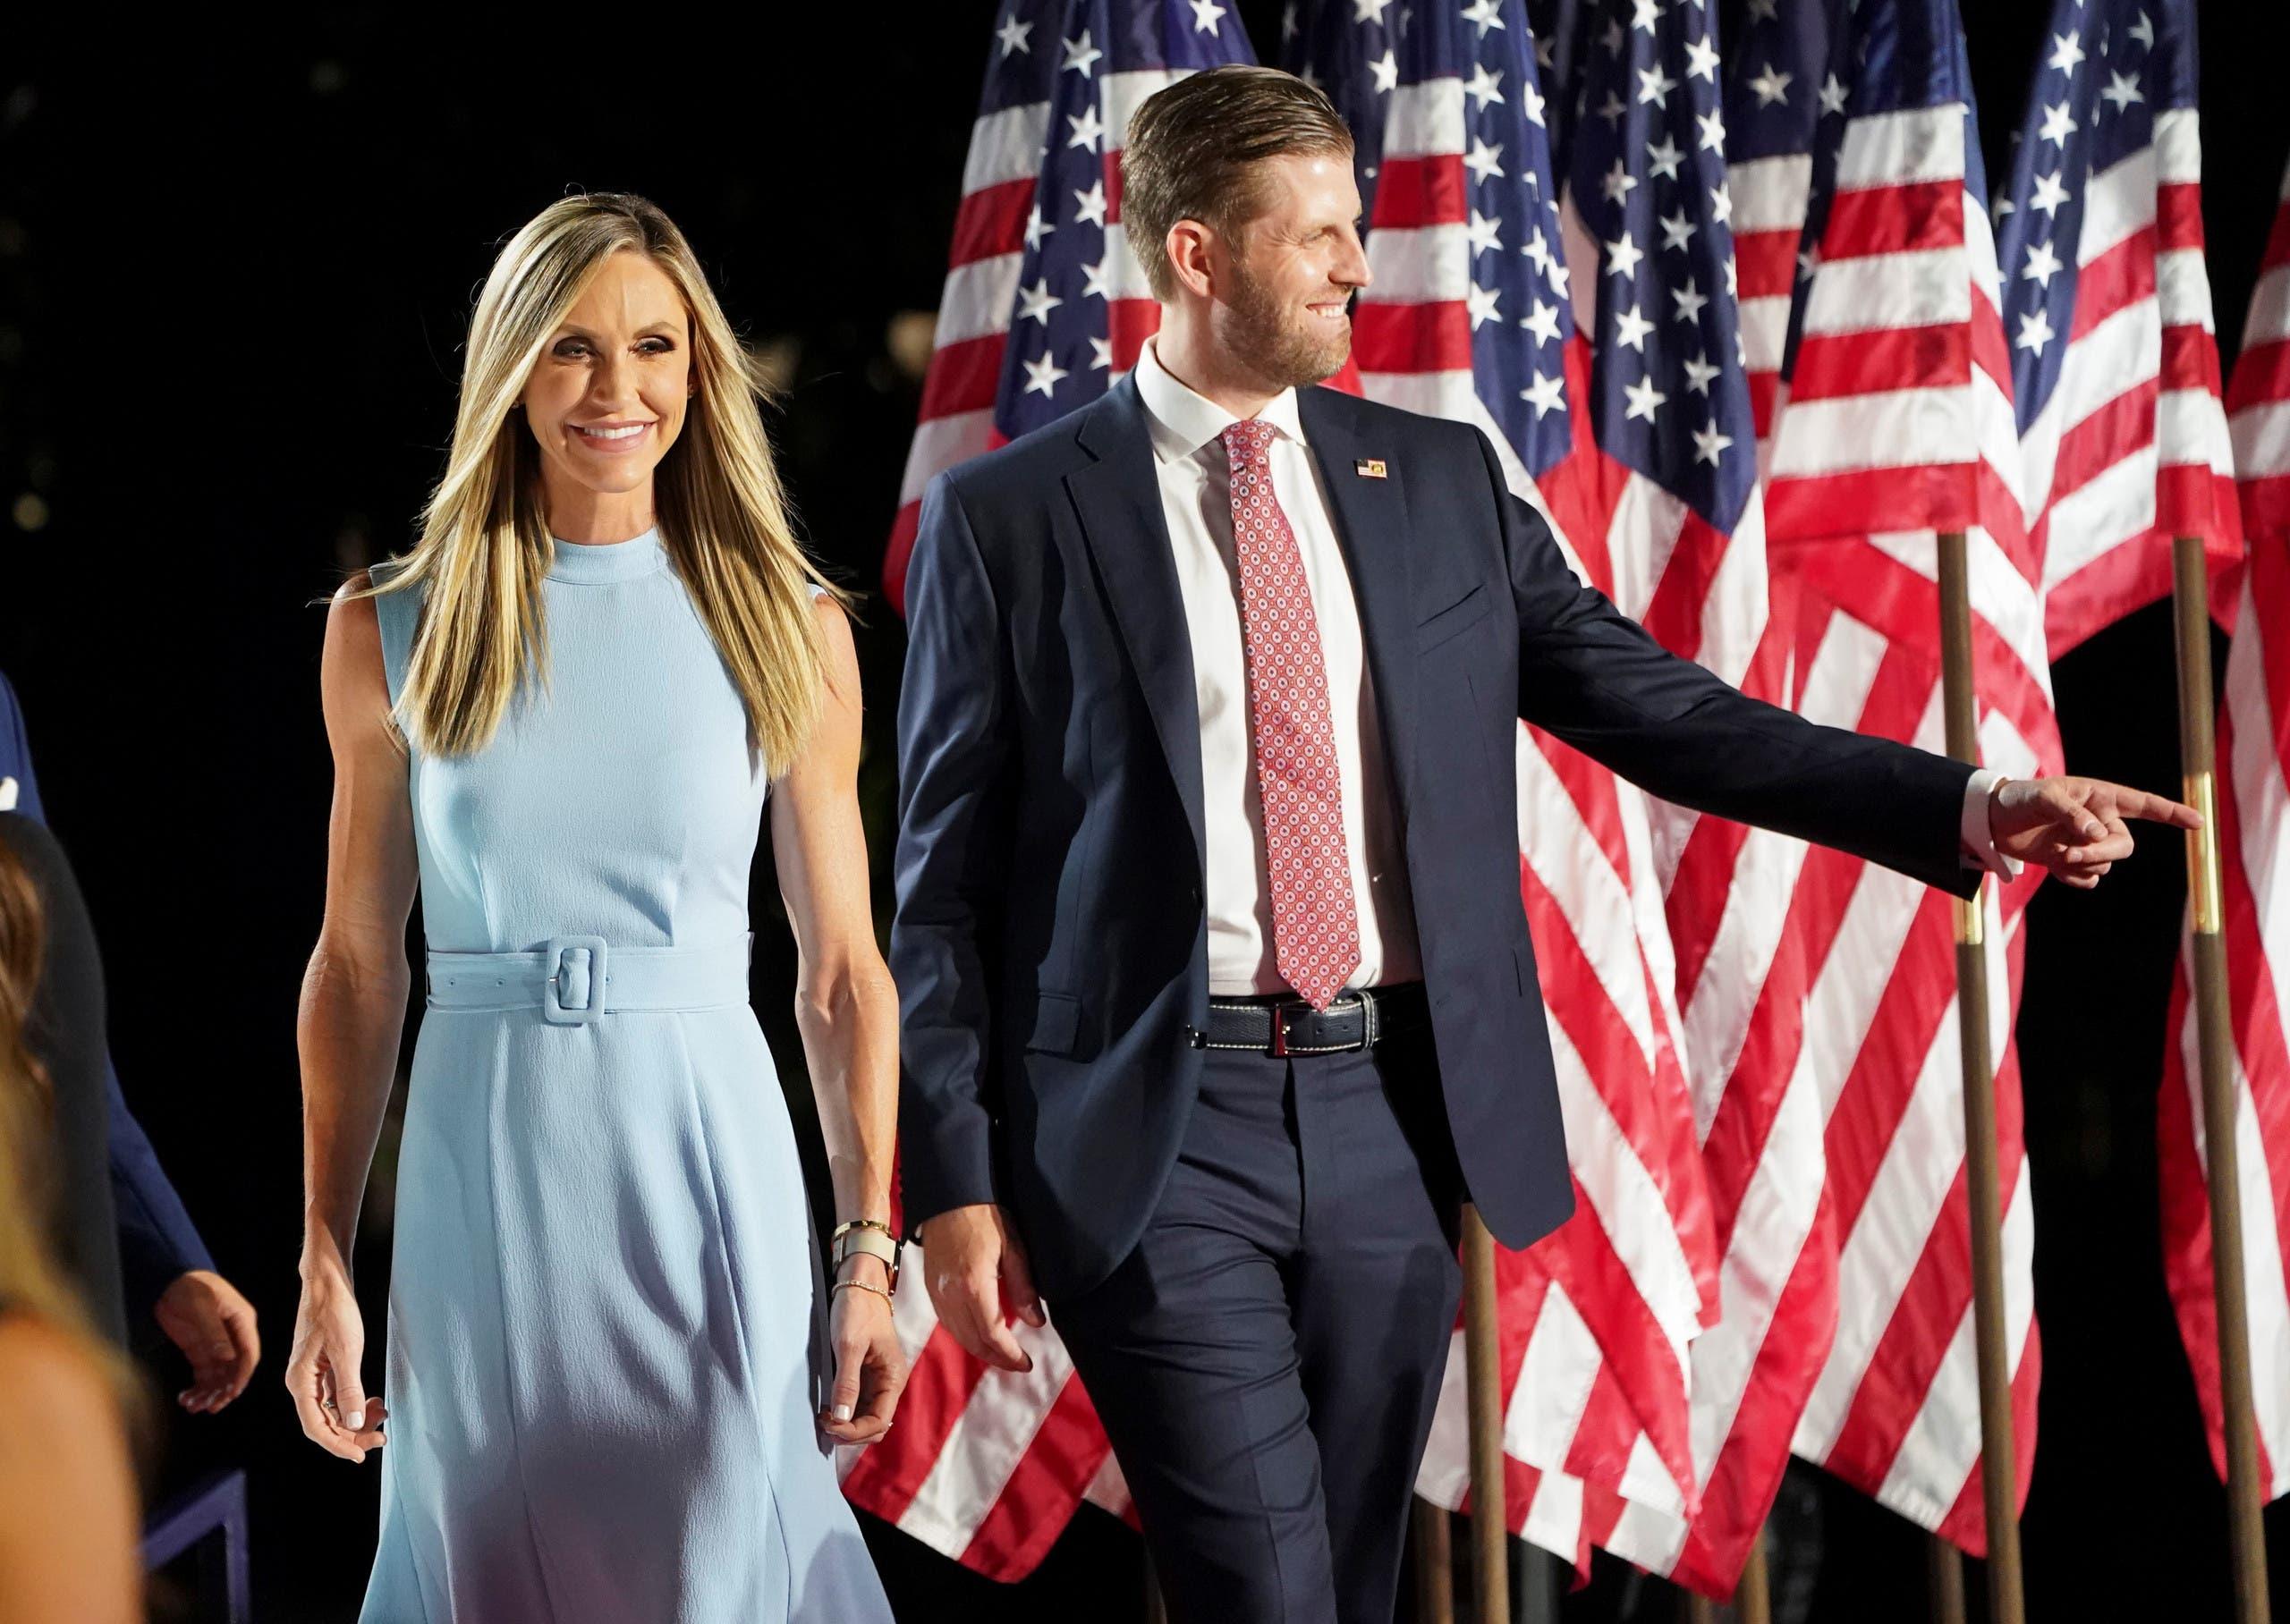 لارا ترمب مع زوجها ايريك خلال حضورهما مناسةب للحزب الجمهوري